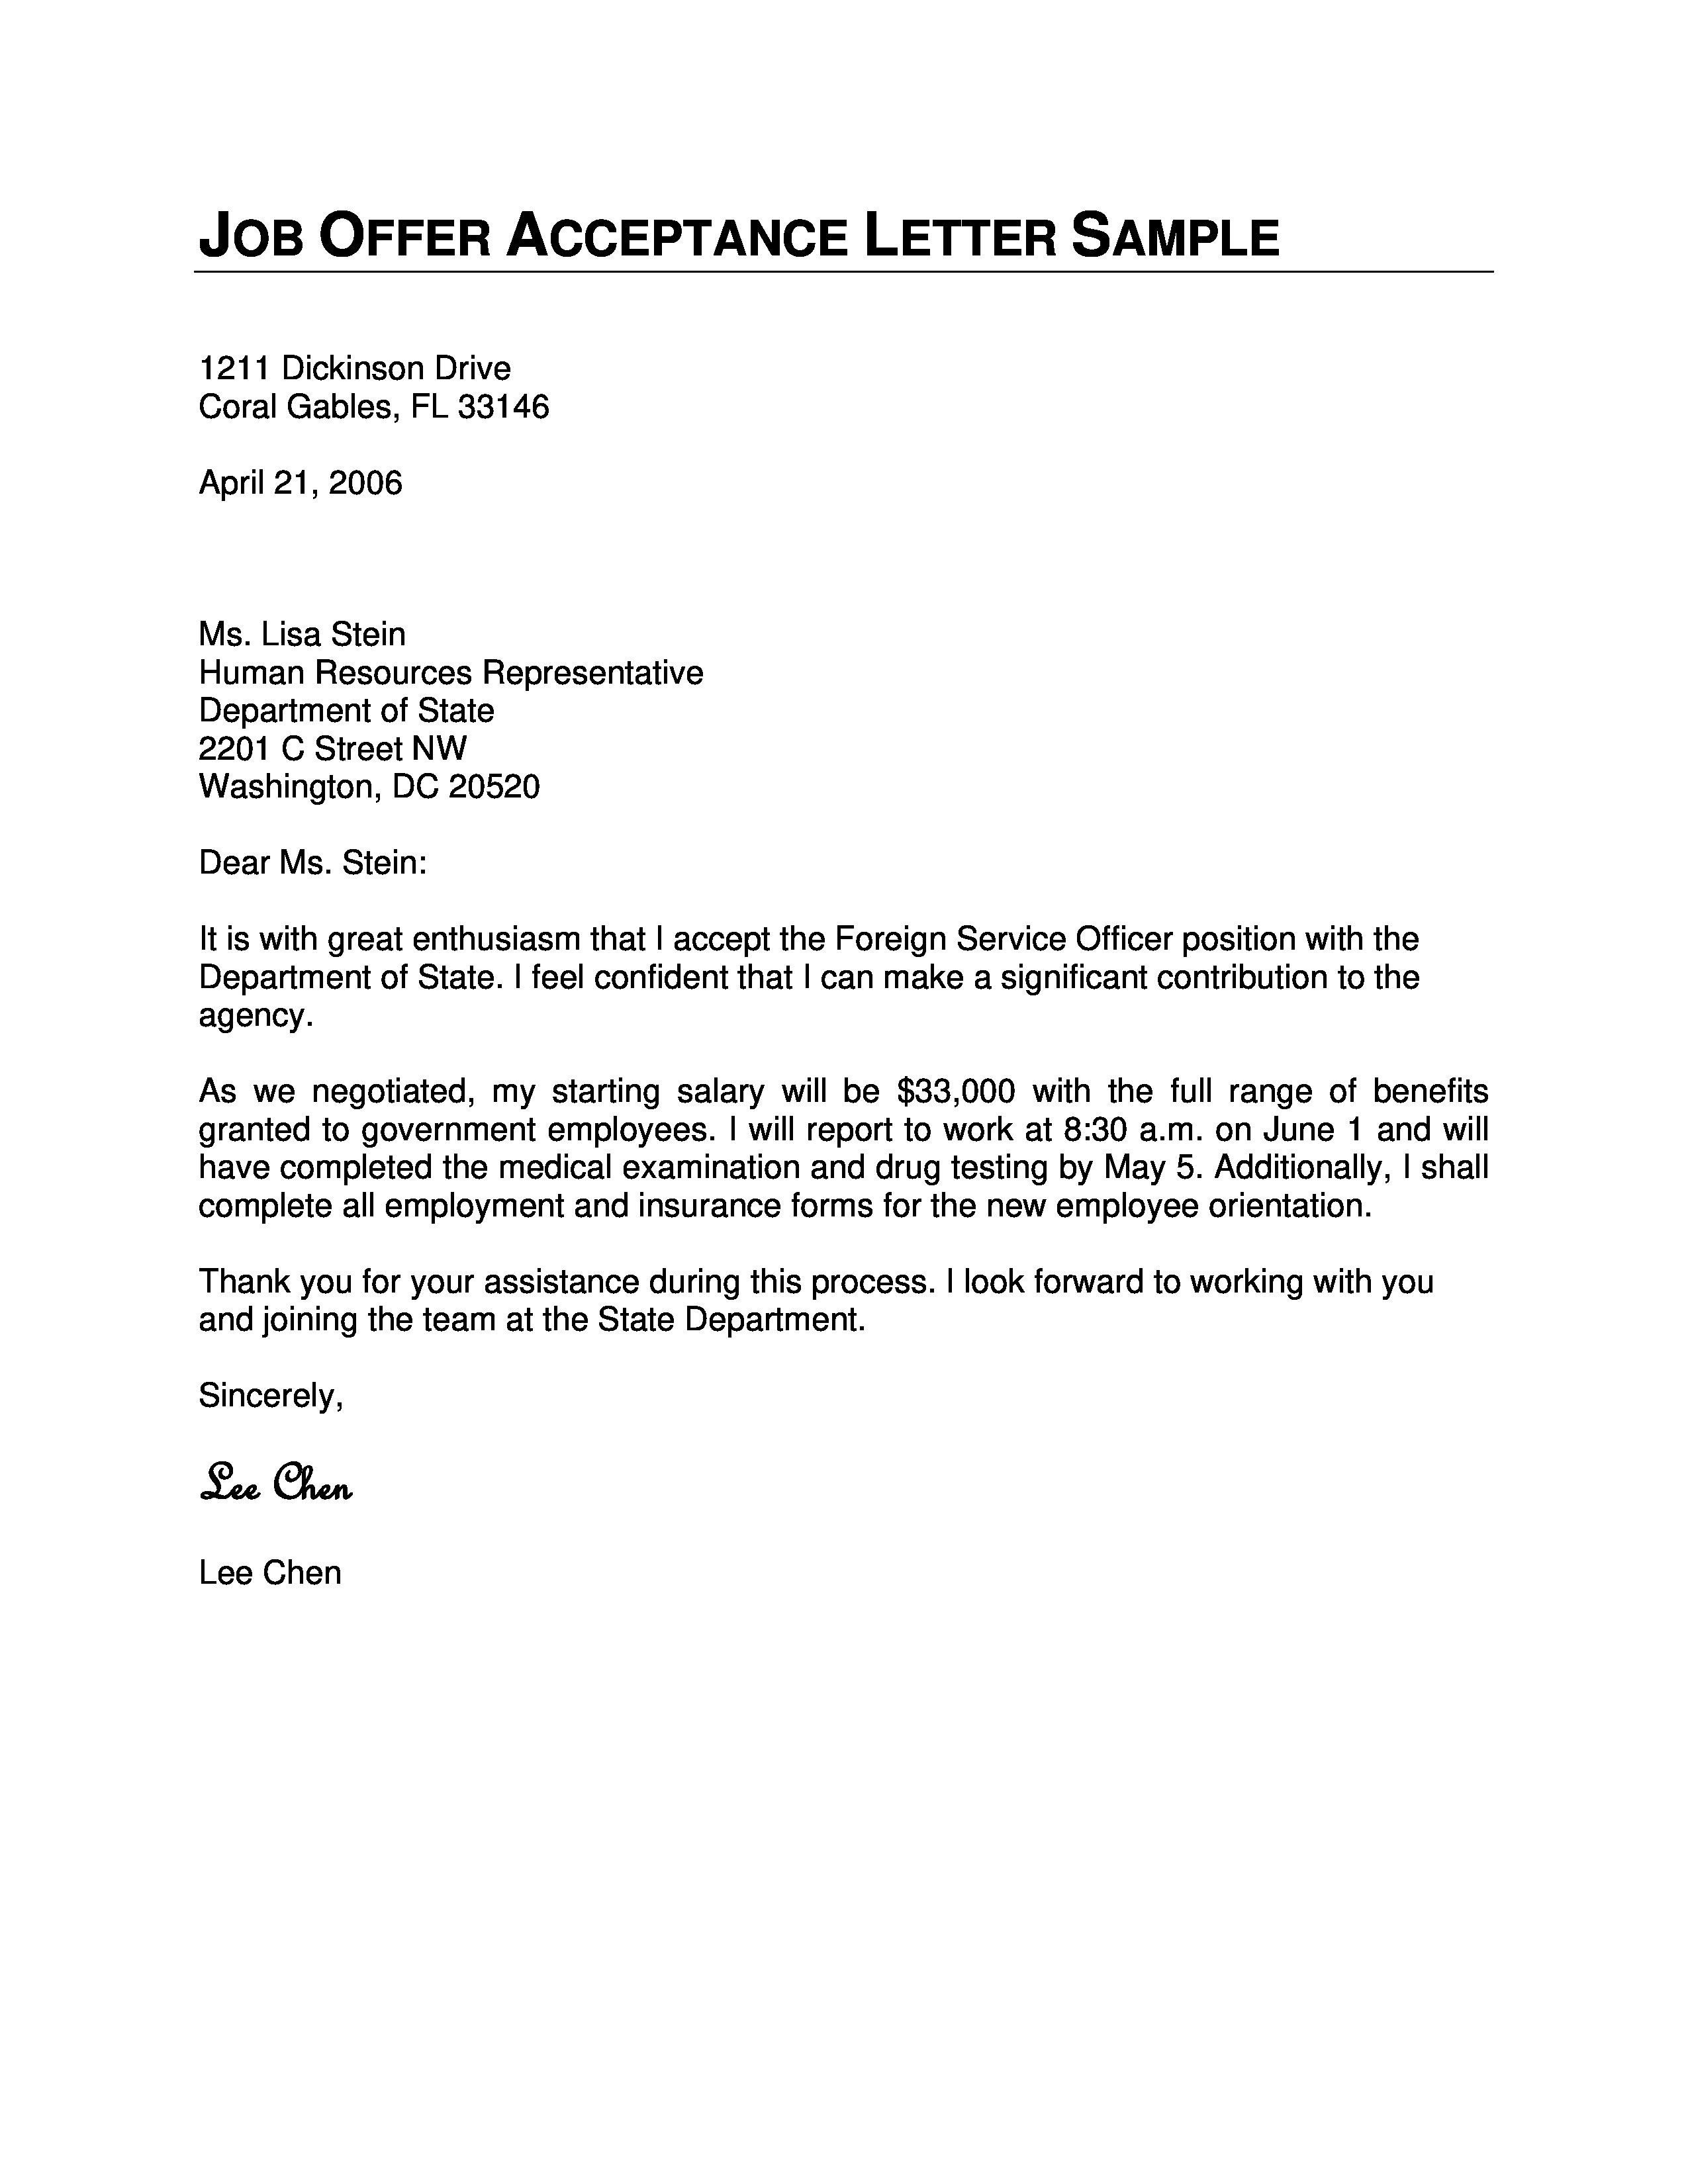 d2c99981c3c53a601655cb68d4b04c20